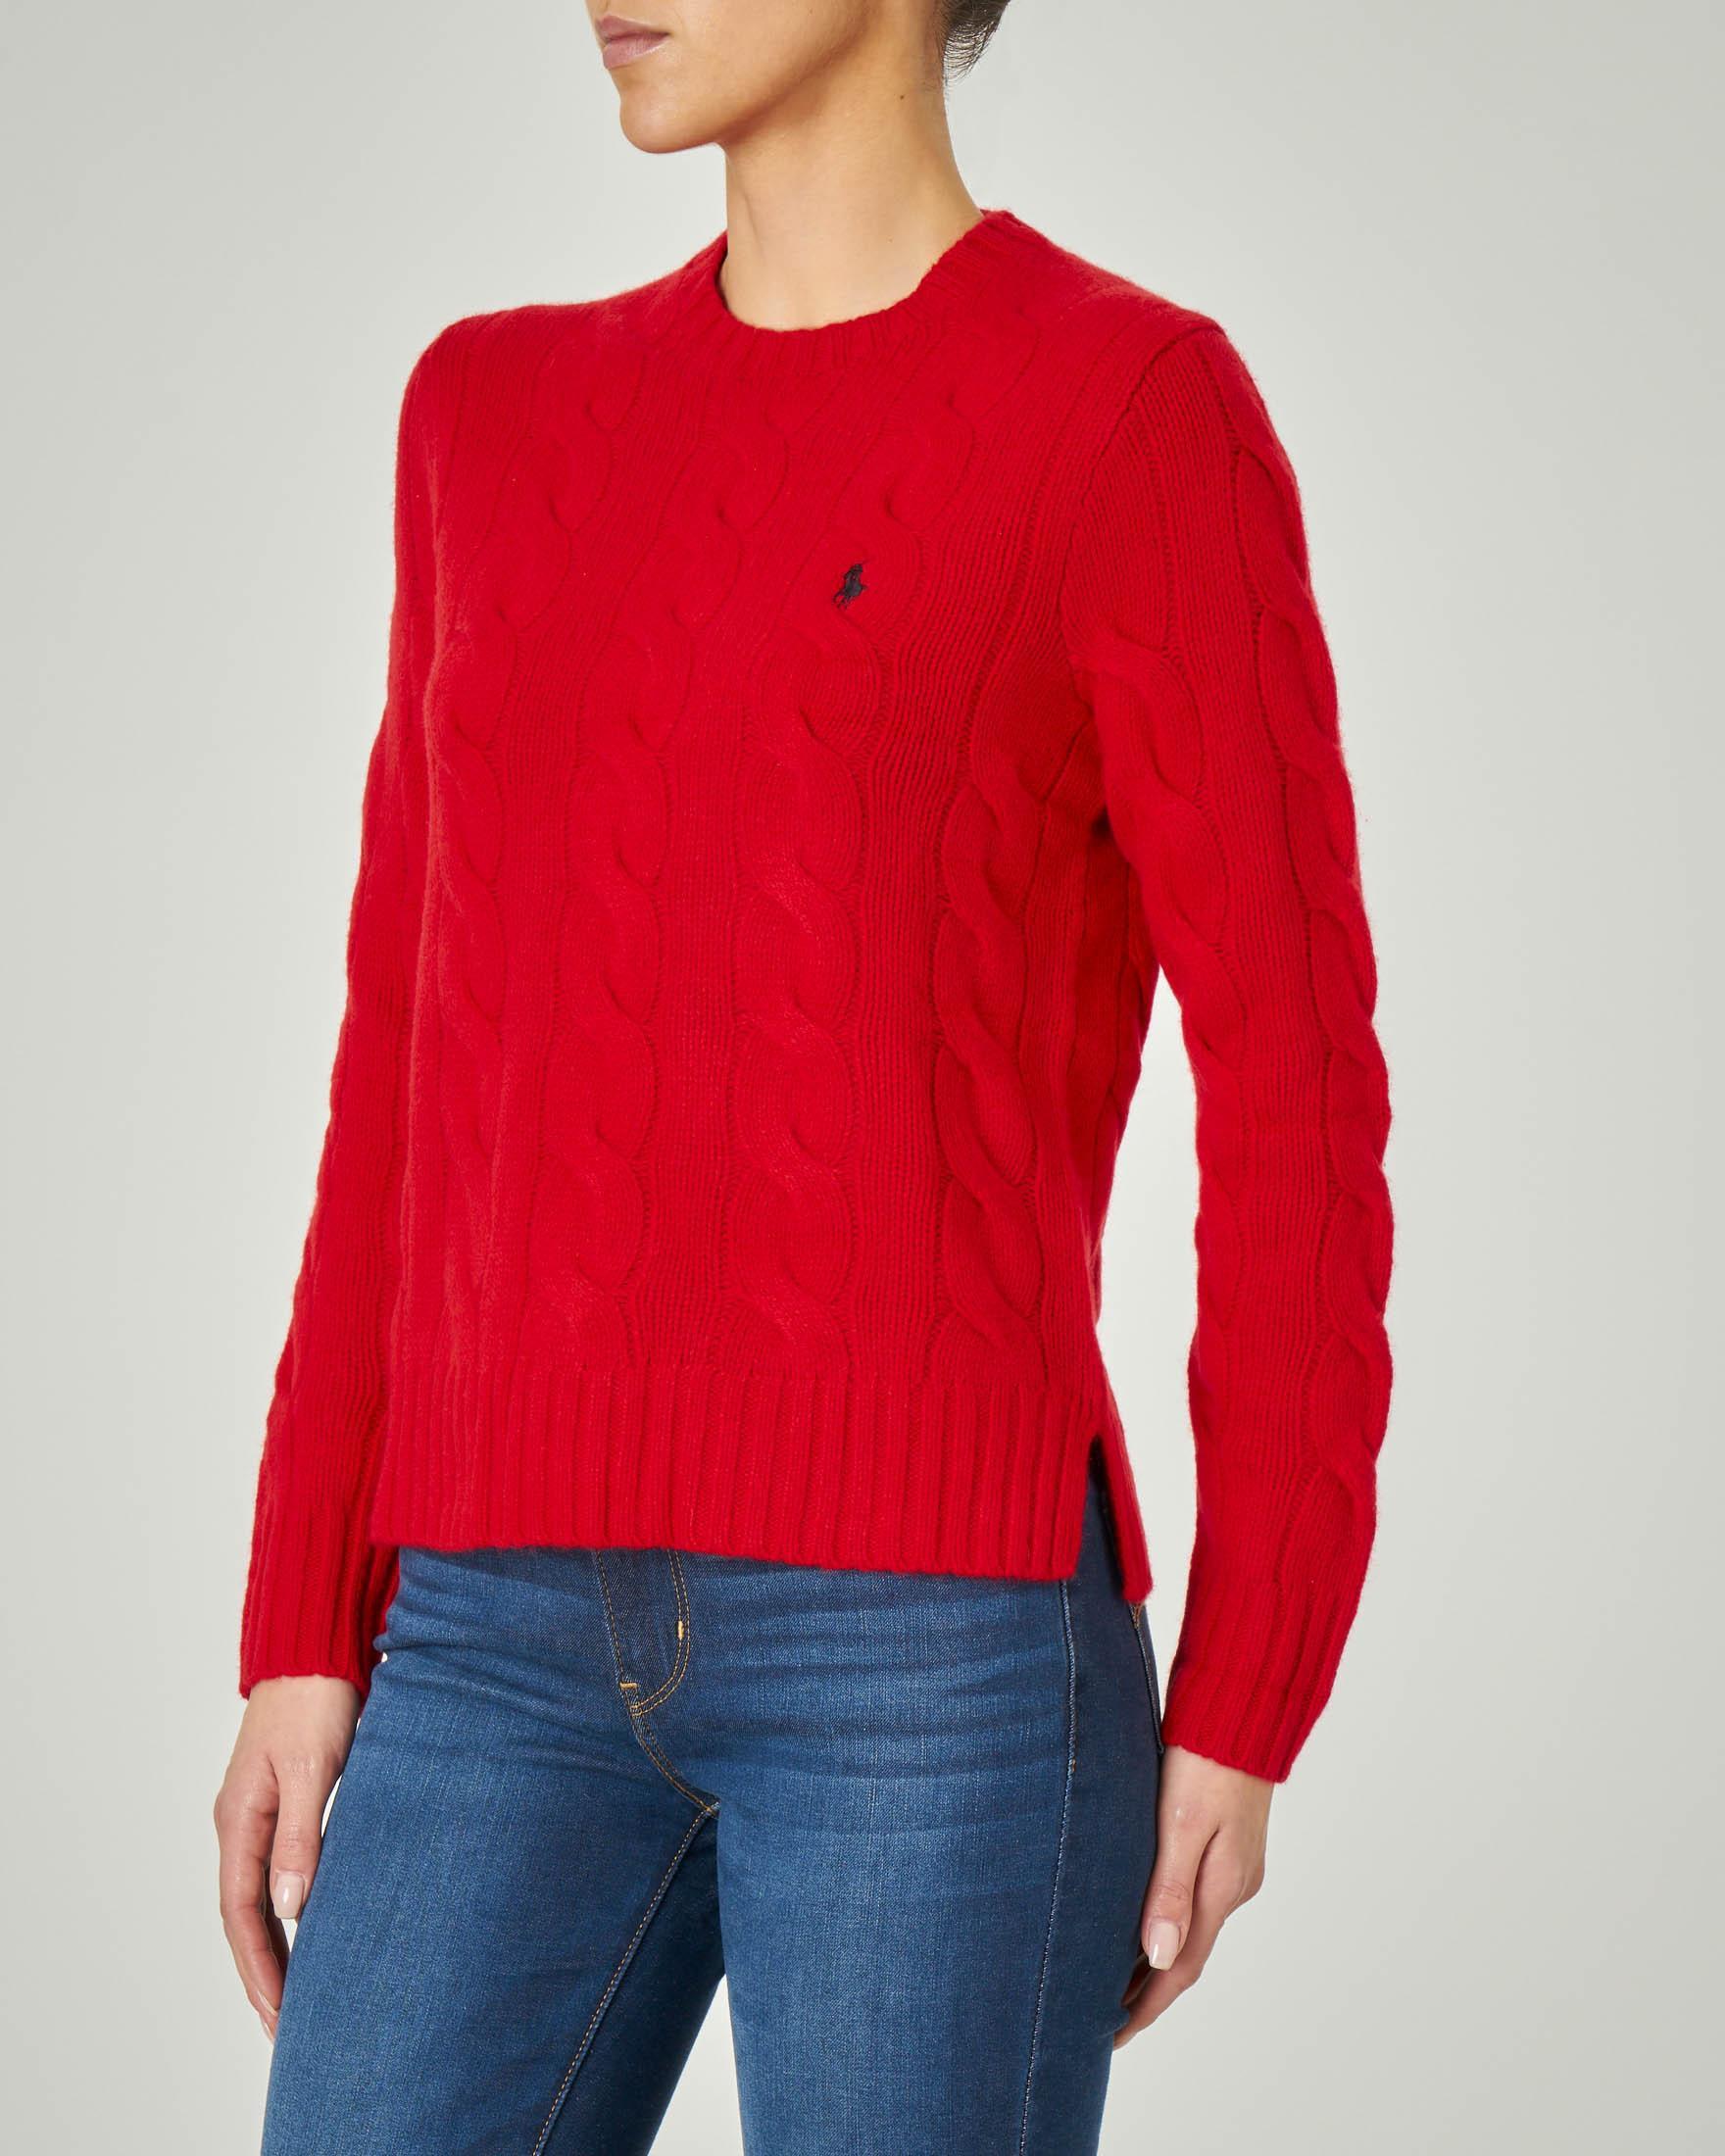 Maglia rossa in lana e cashmere con motivo a trecce e spacchetti laterali